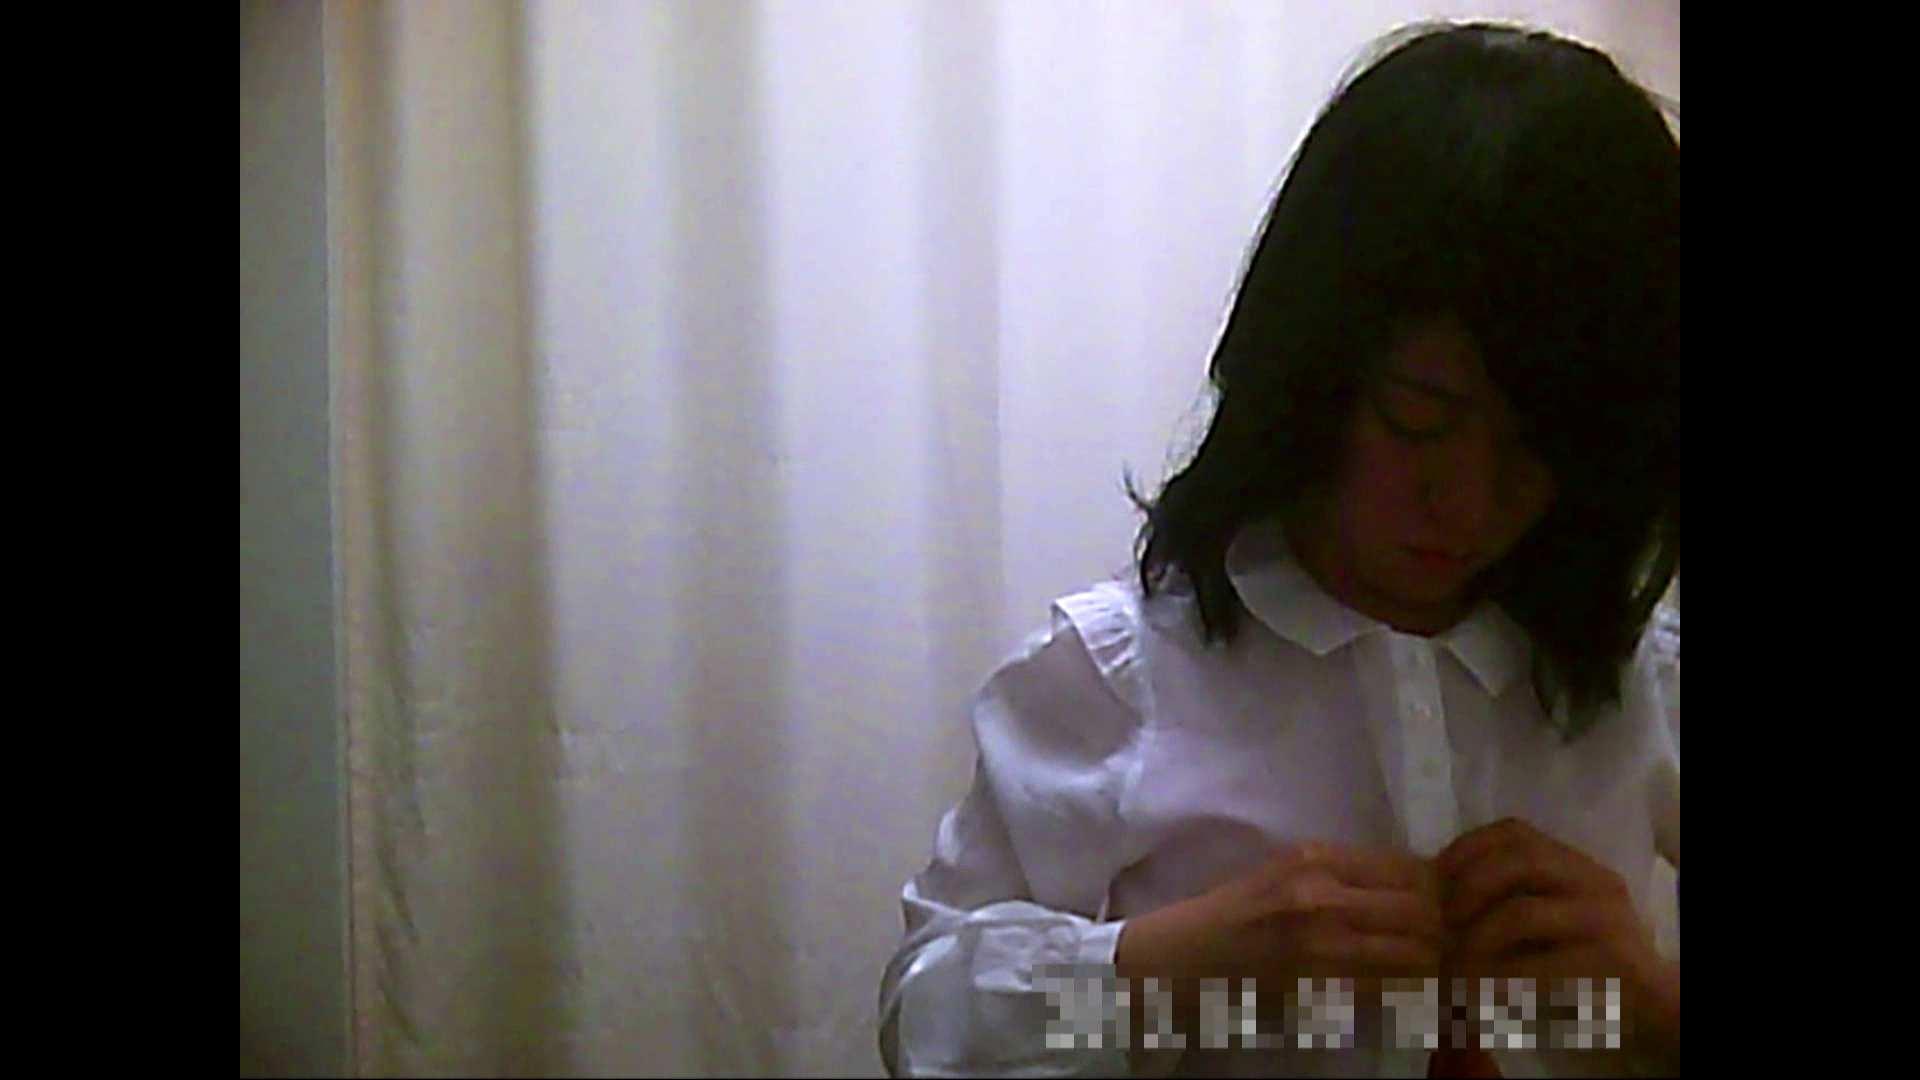 元医者による反抗 更衣室地獄絵巻 vol.097 OLハメ撮り  39Pix 8